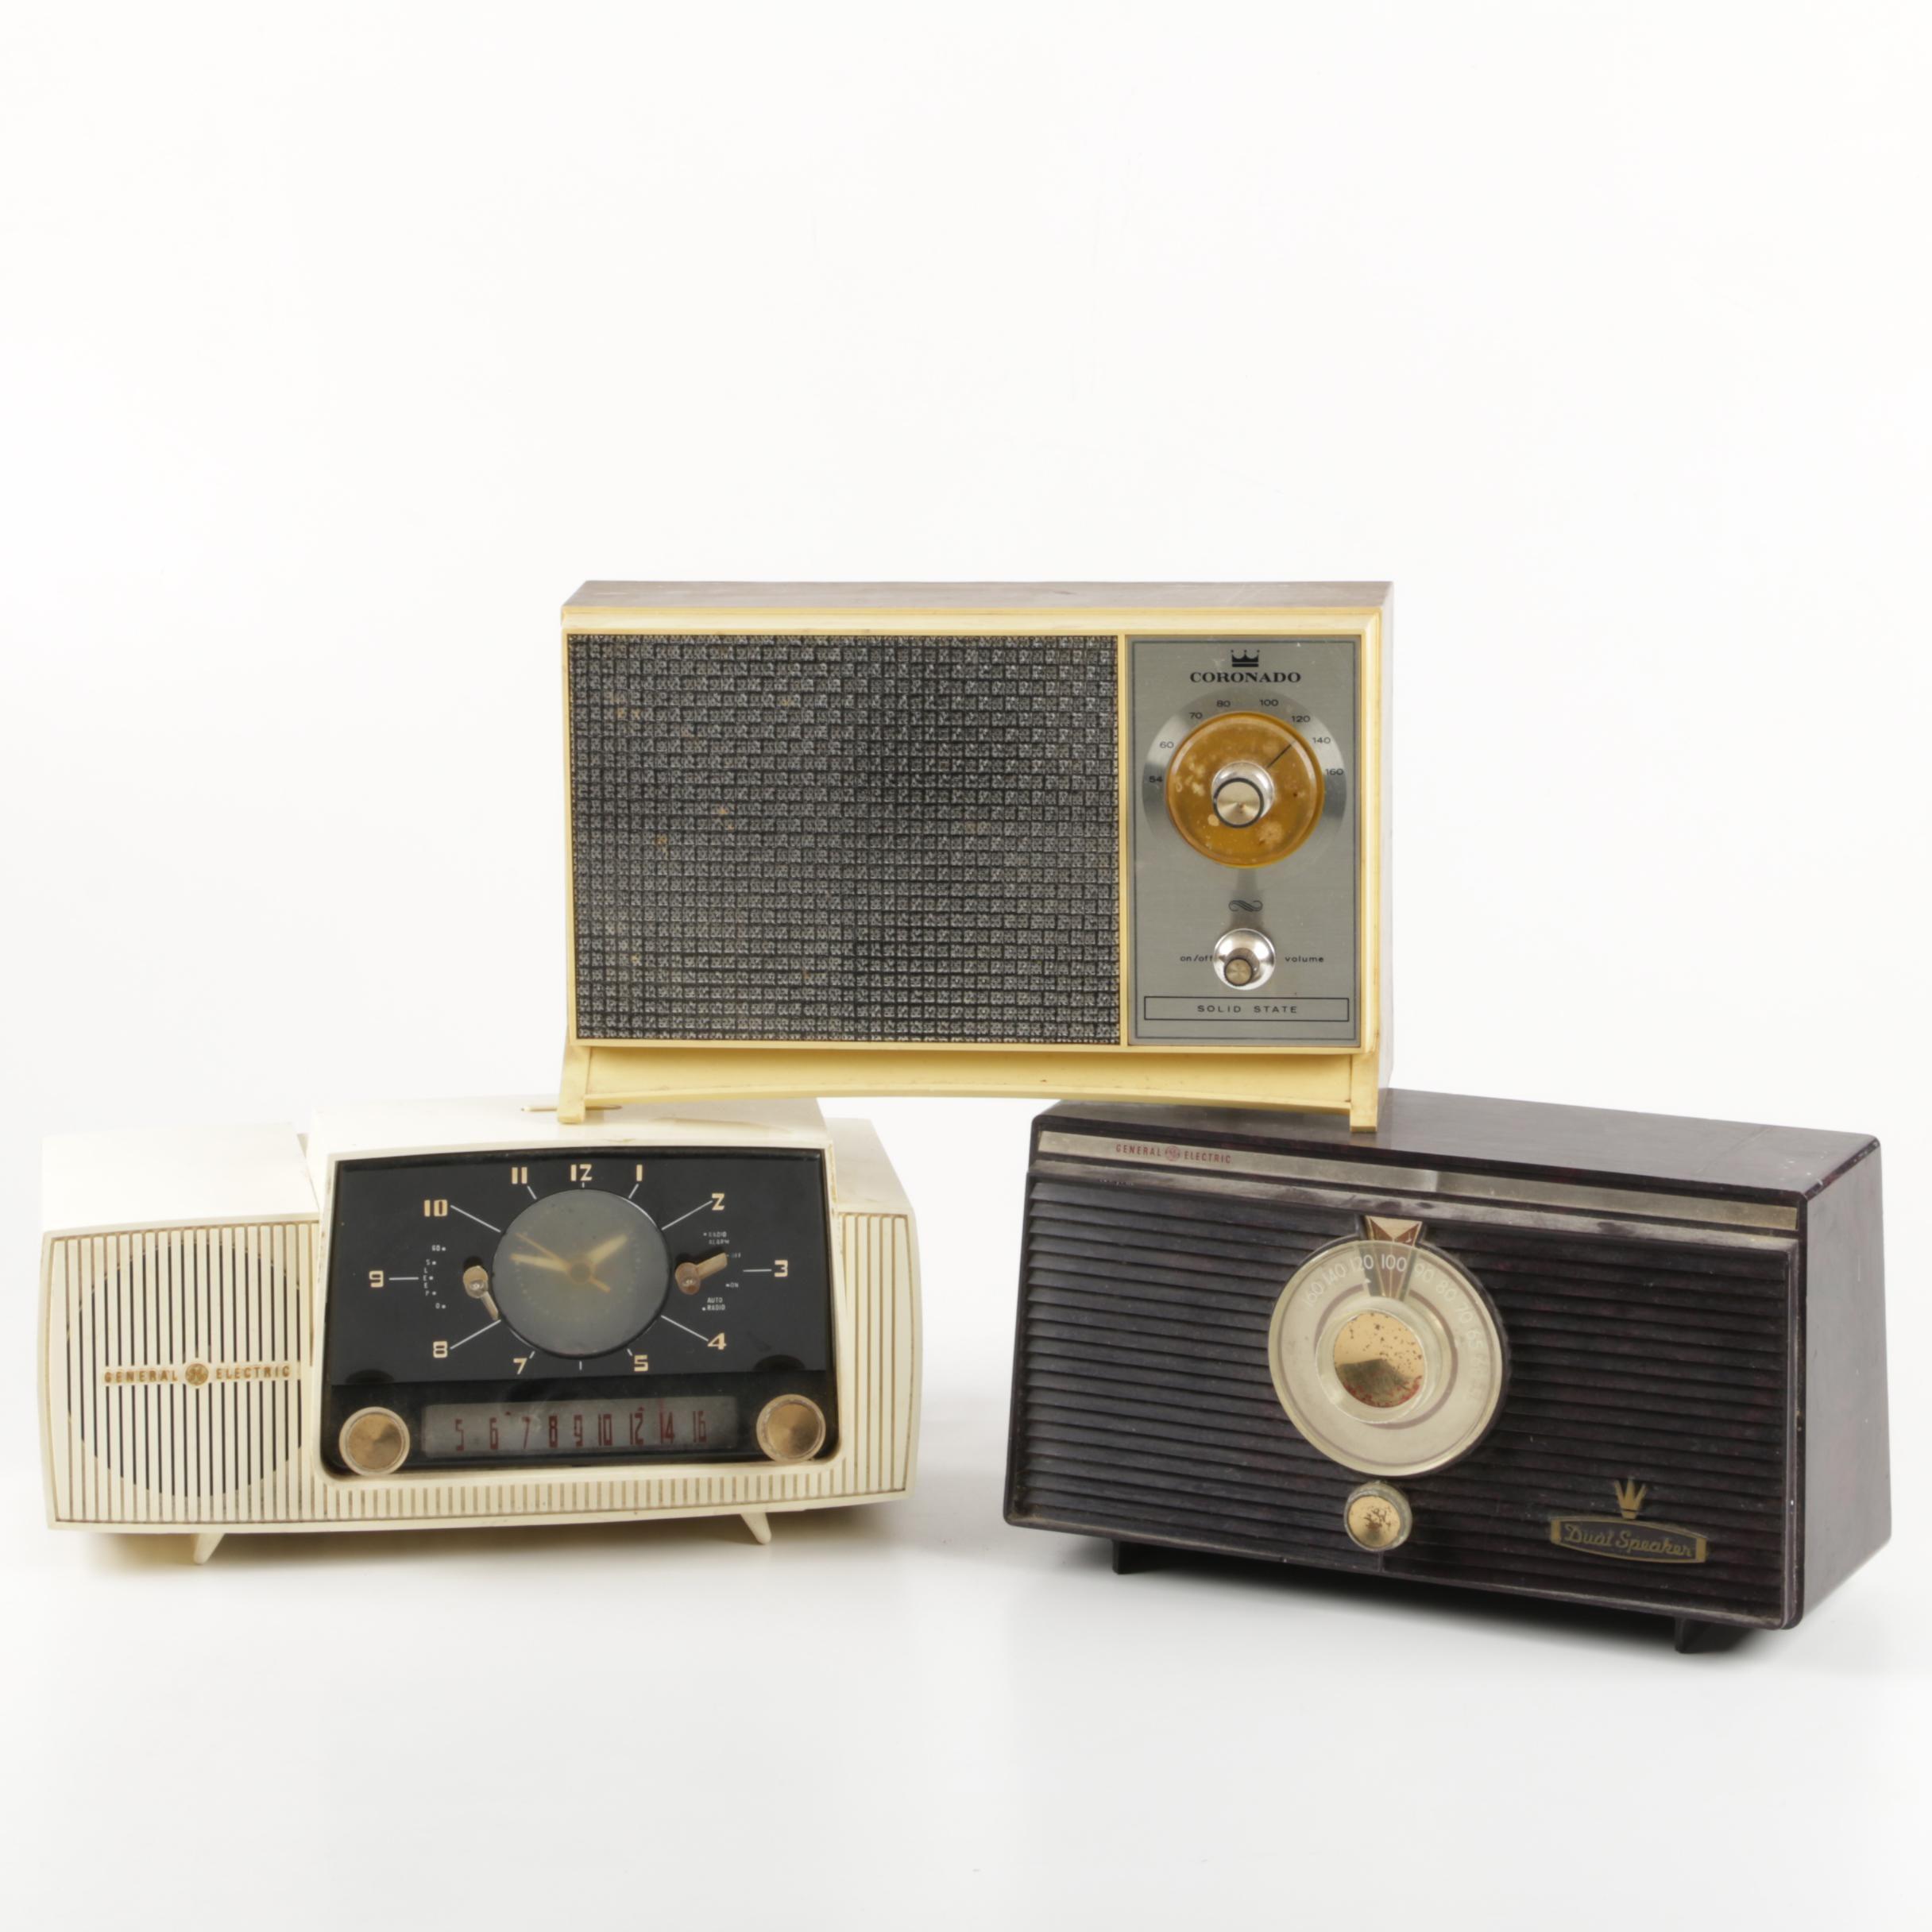 Vintage Radios including a Coronado Transistor Radio